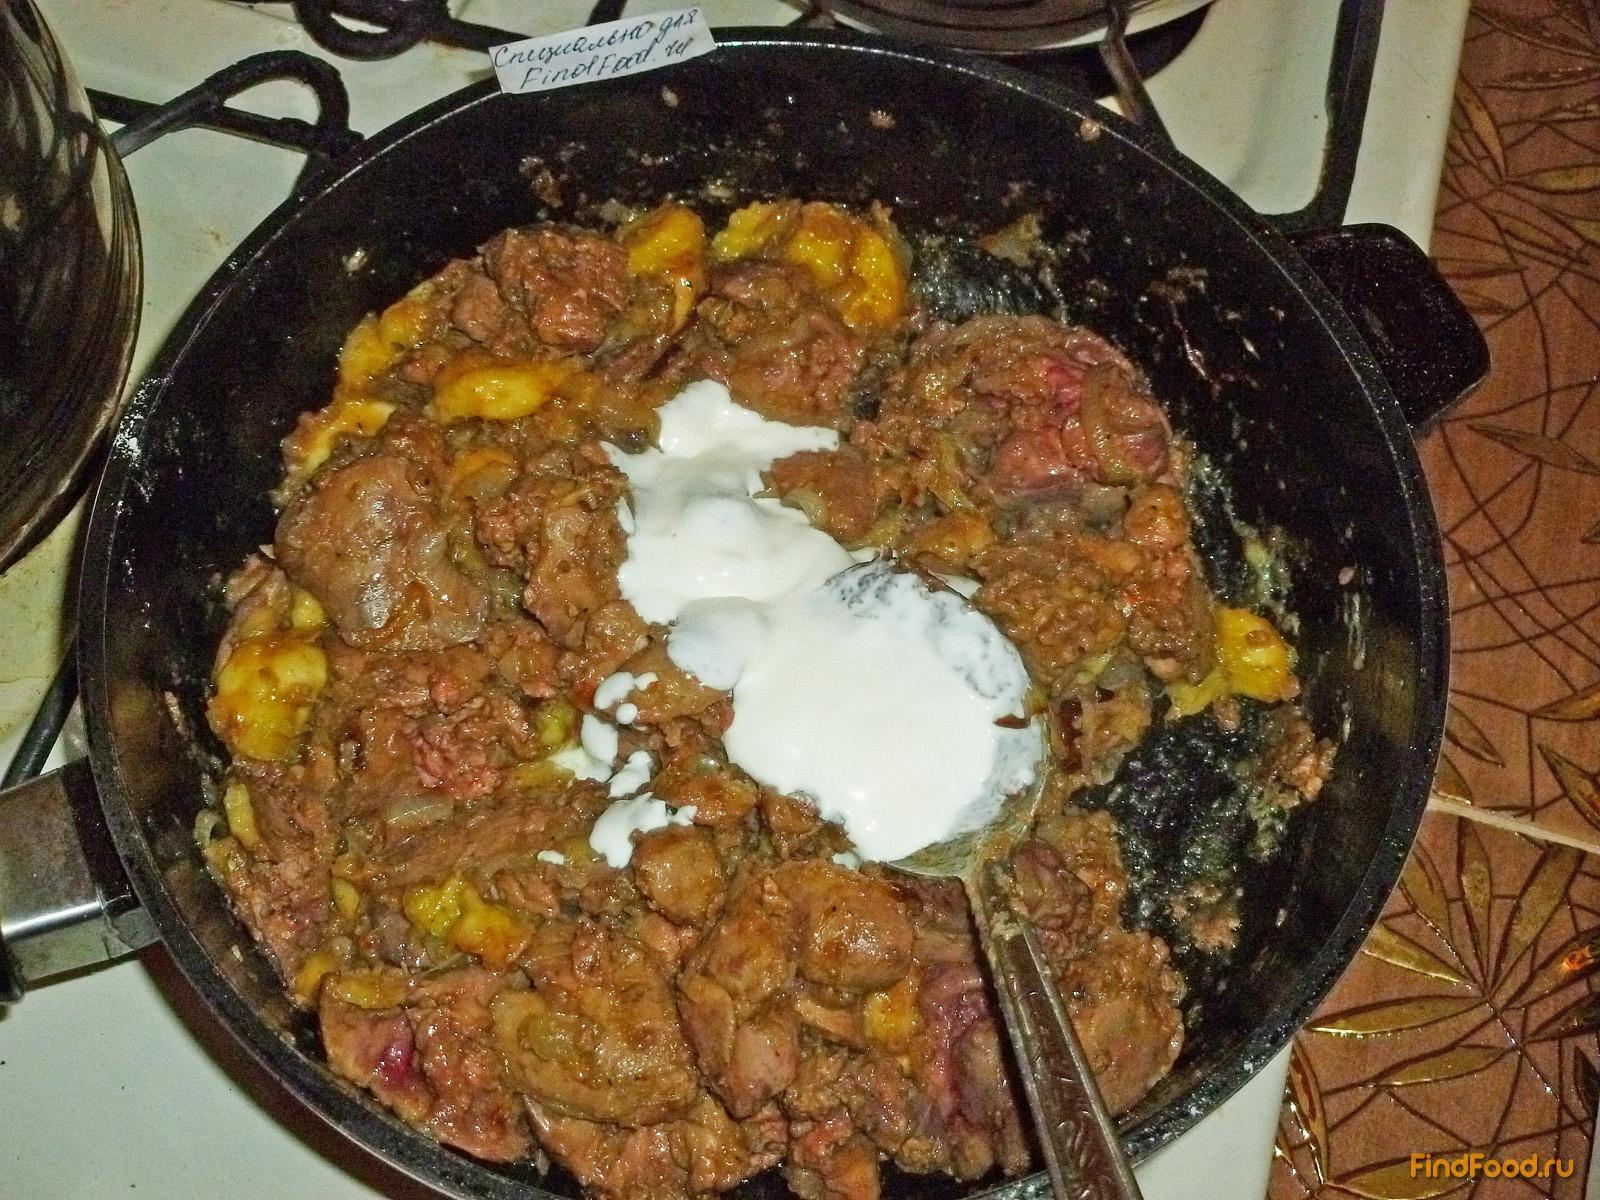 Пошаговый рецепт приготовления куриной печени в сметане